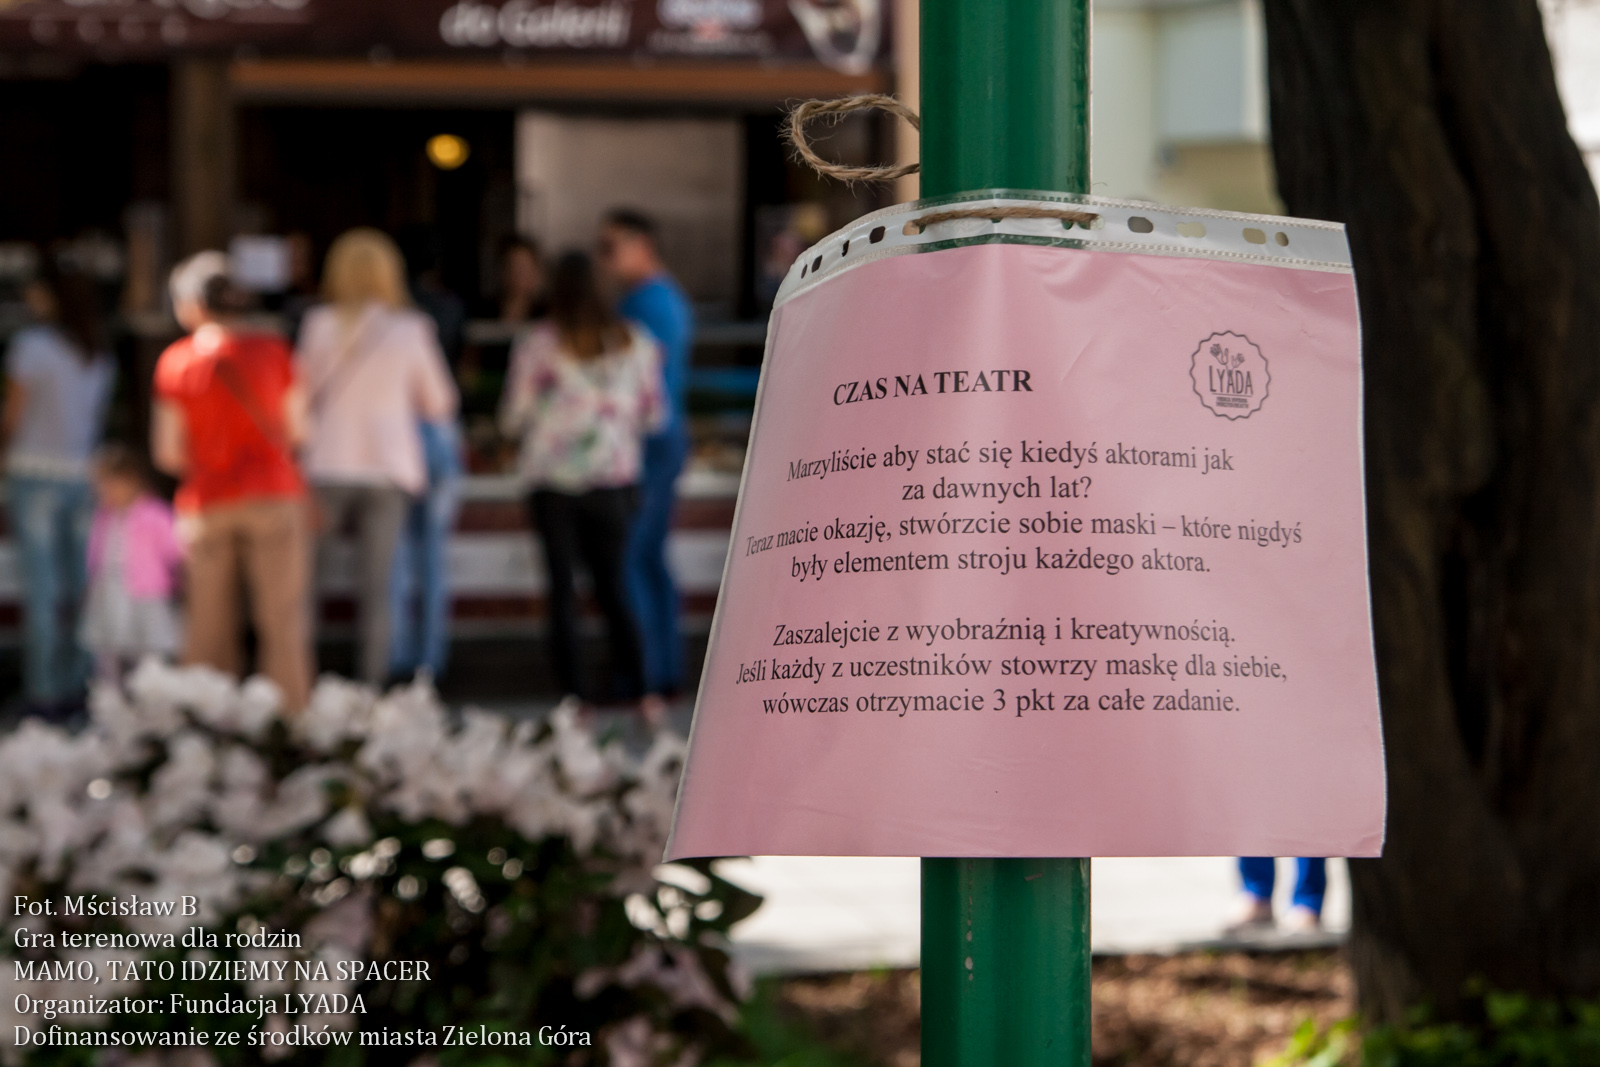 mamotatoidziemynaspacer-graterenowa-7592